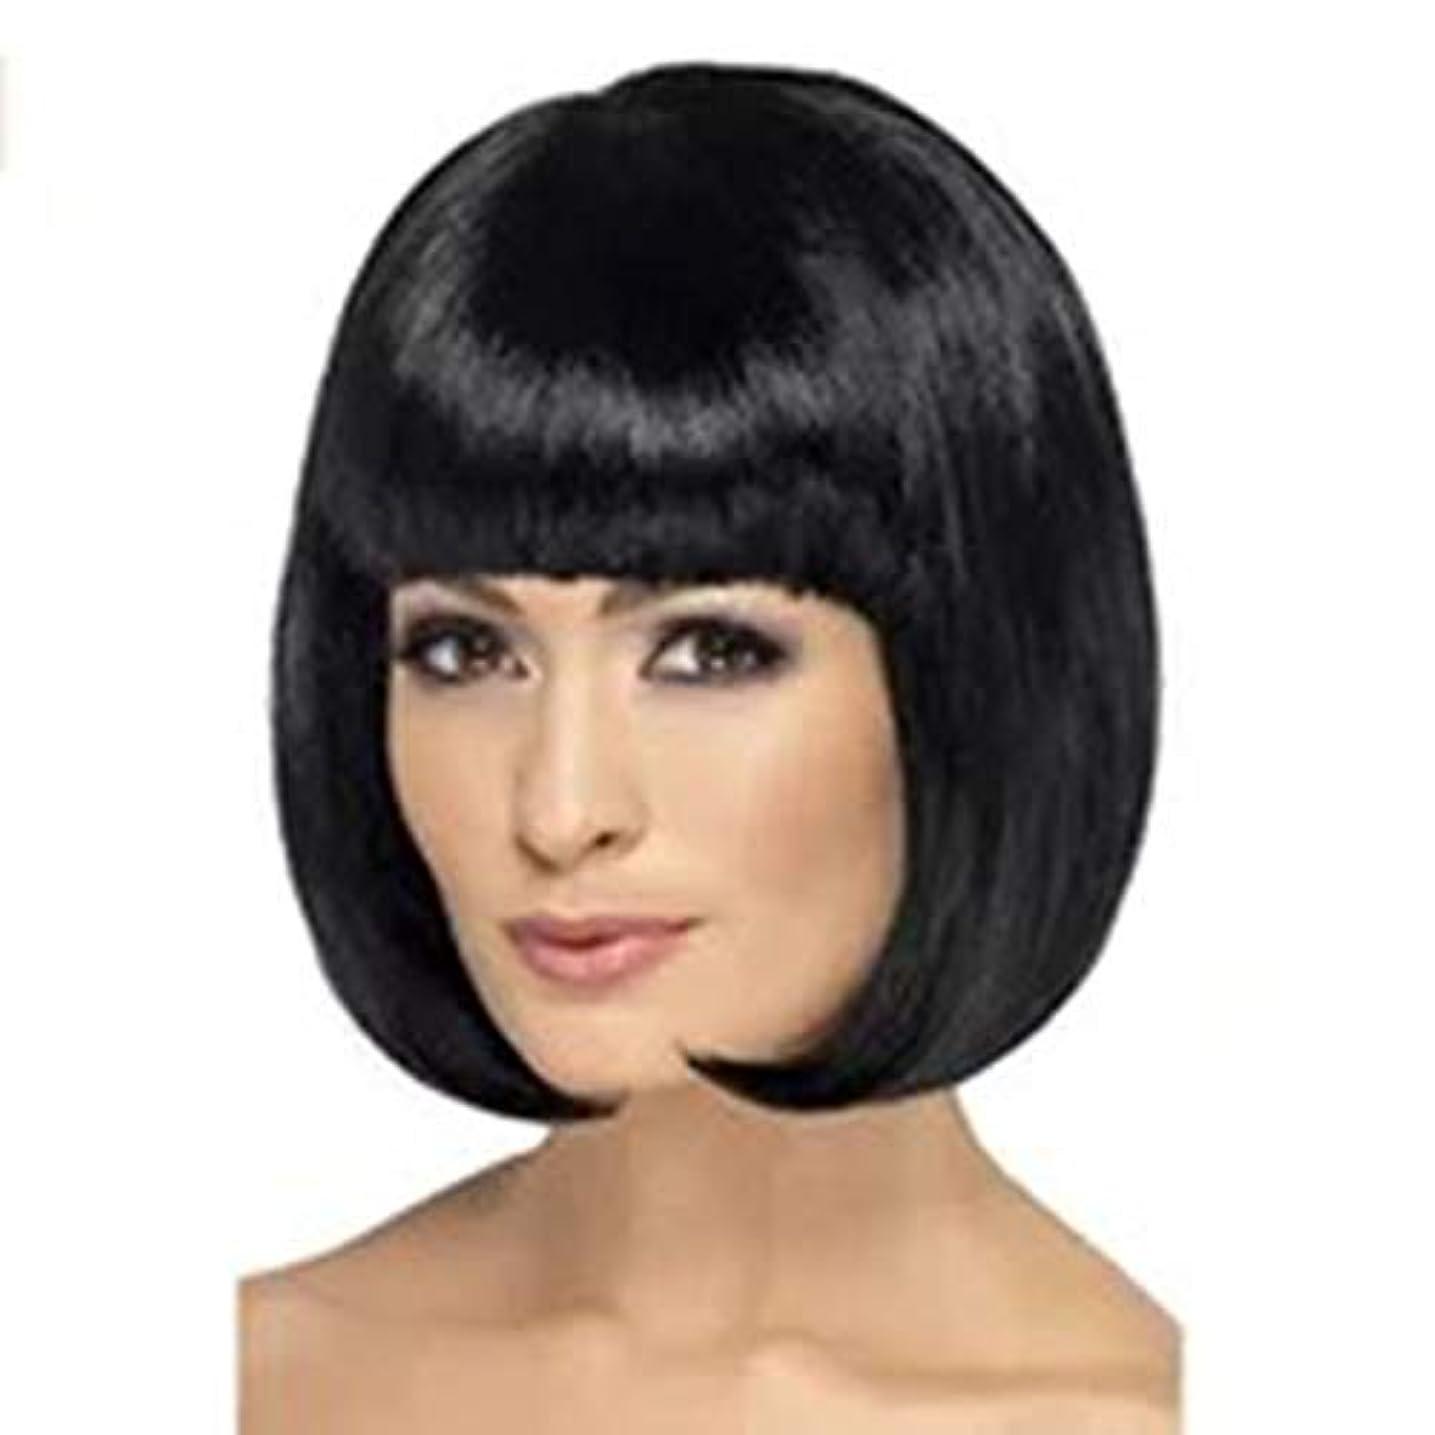 賛辞サバント安息Summerys ボブかつら女性のための平らな前髪ふわふわ自然耐熱交換かつら完全な合成かつら